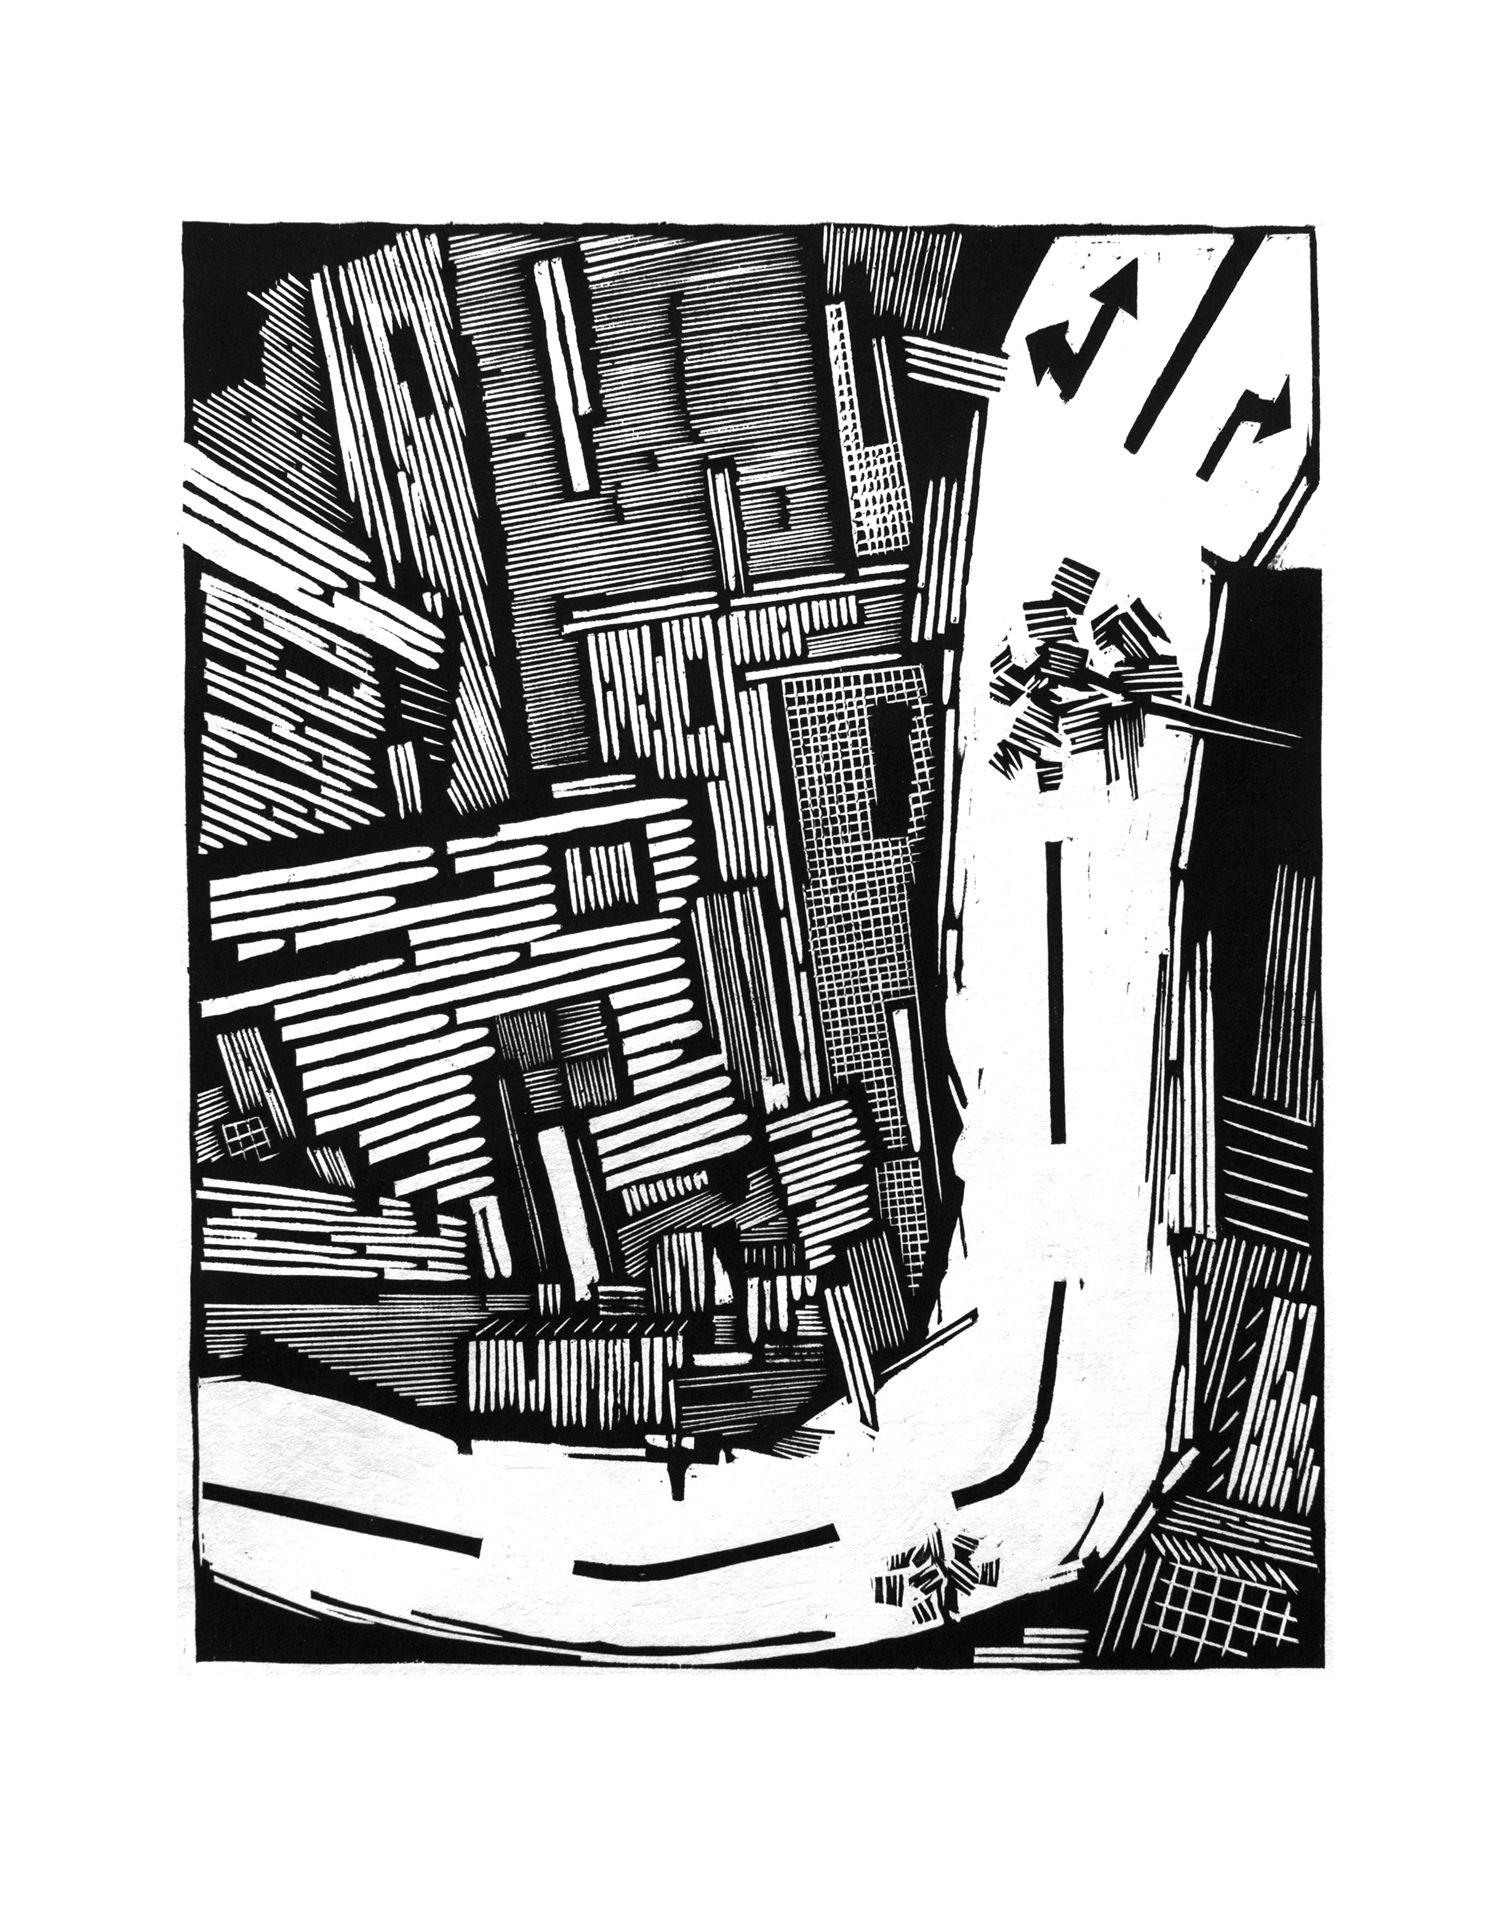 作品主要为黑白木刻版画,尺寸大小不定,整体以抽象、写意、表现绘画风格为原型,以城市建设为主题背景,以常见的楼宇、建筑施工工地的塔吊、钢筋以及未修建完工的建筑等为主要内容,来表达创作者对城市飞速变化的种种思考,希望引起观者的共鸣。